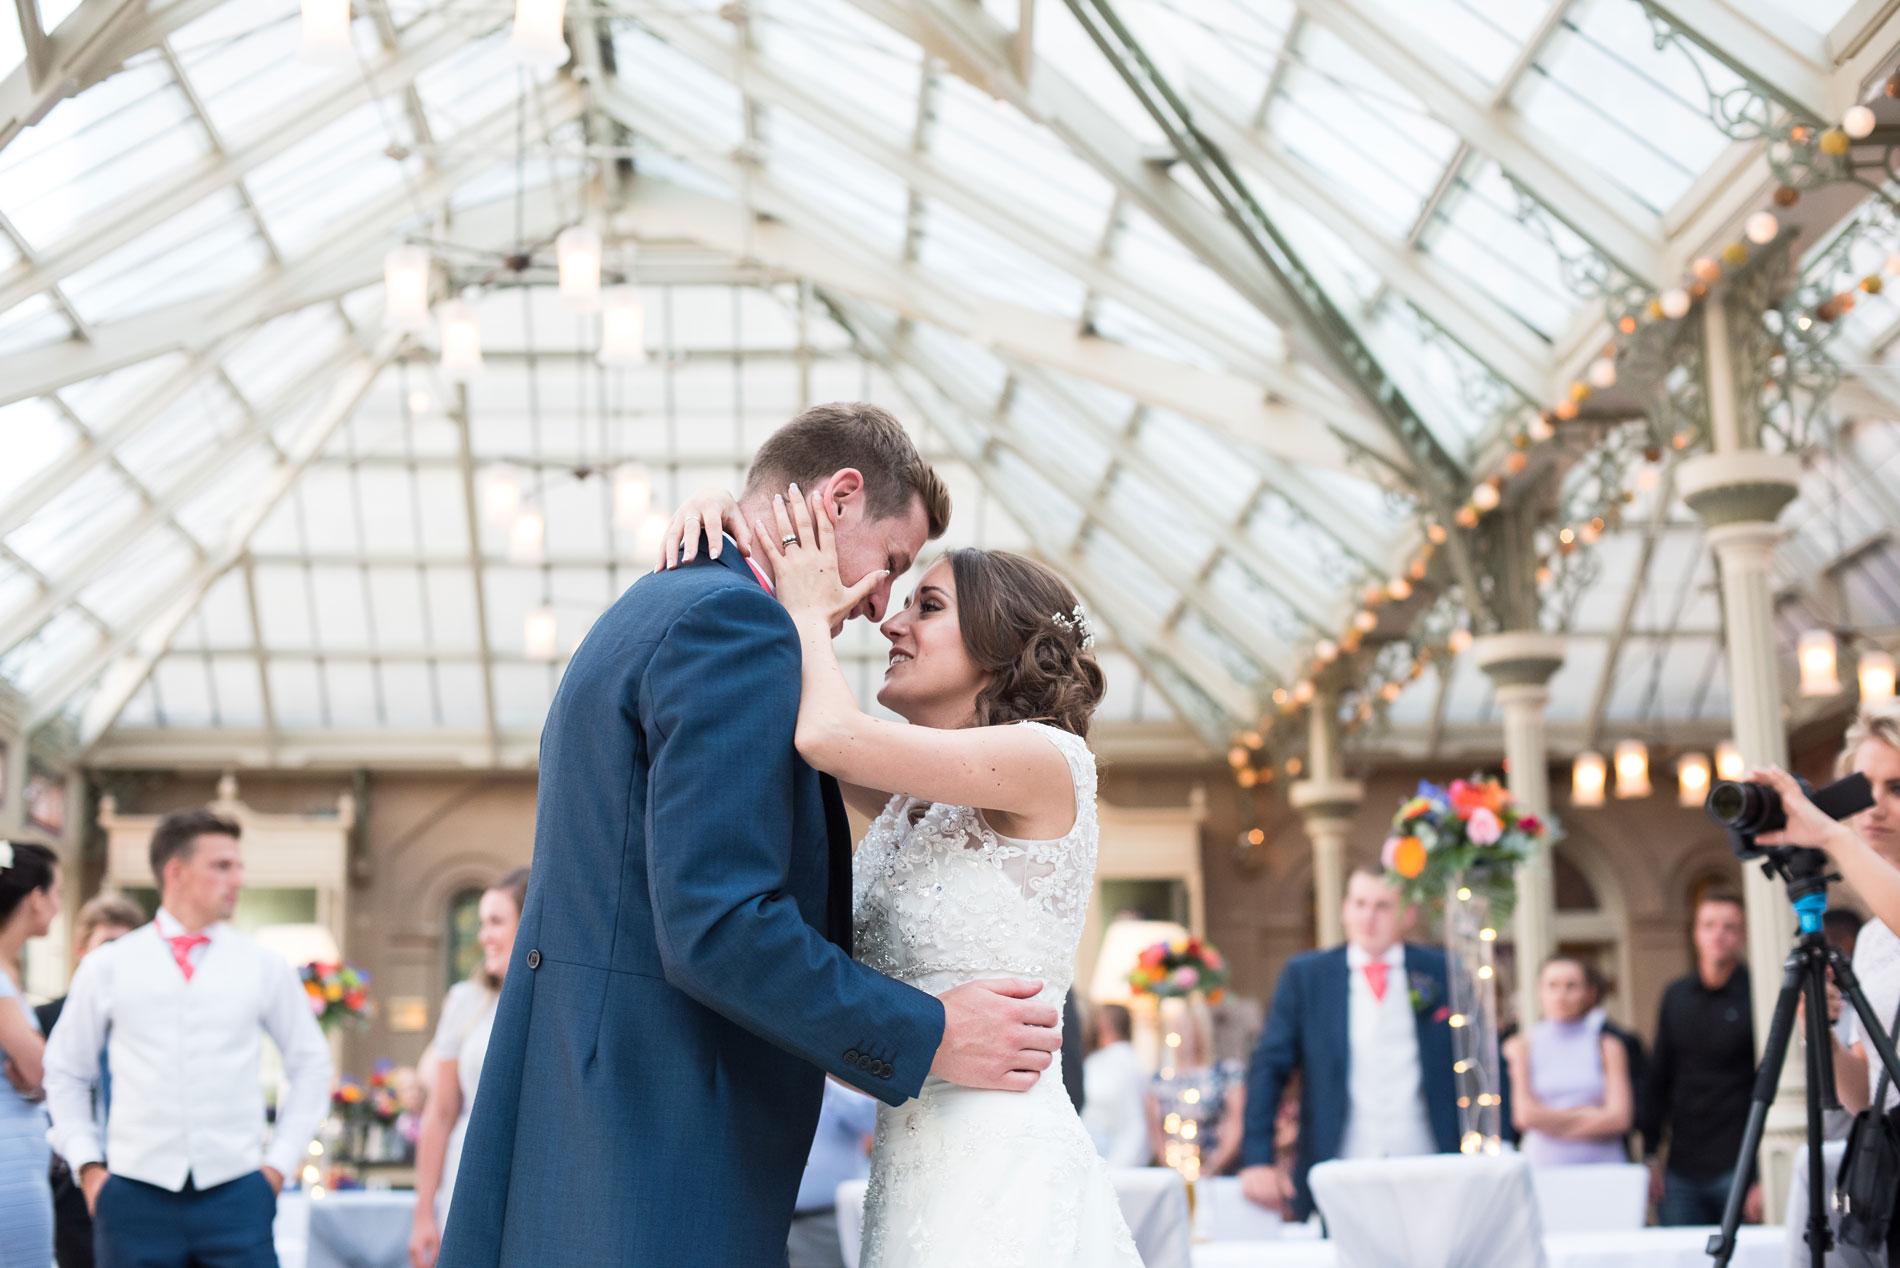 Kilworth-weddings-_81.jpg